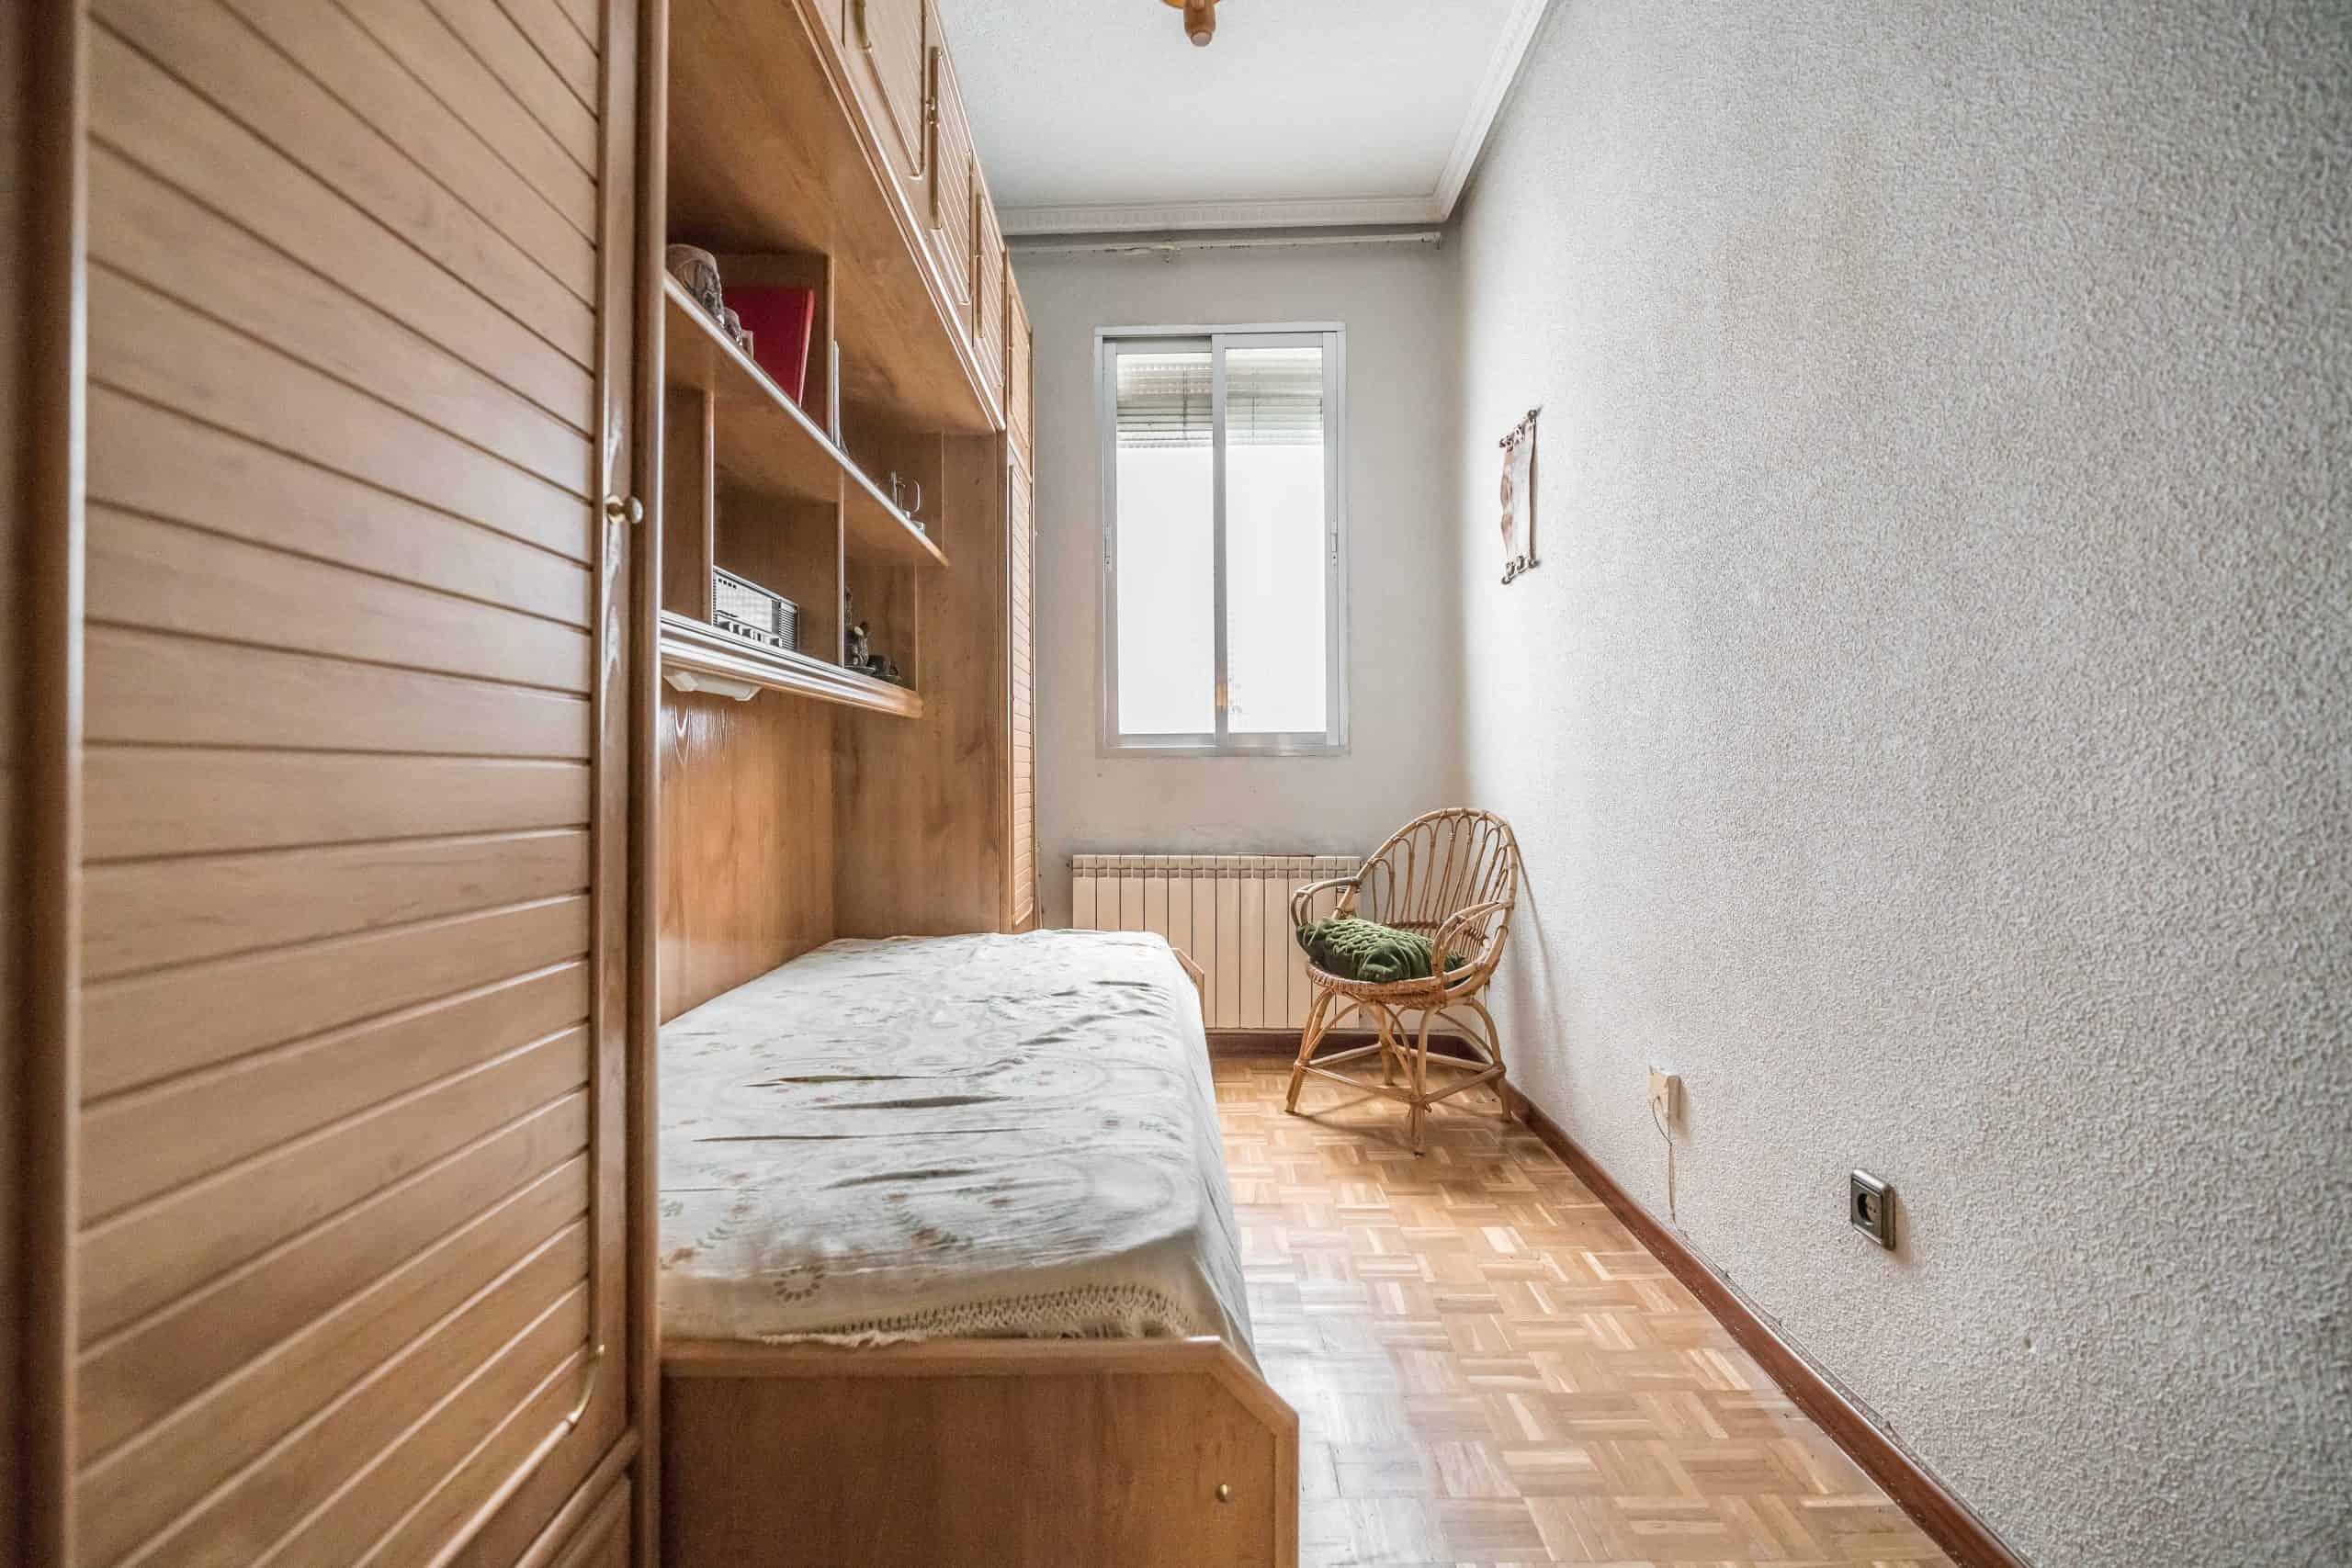 Agencia Inmobiliaria de Madrid-FUTUROCASA-Zona ARGANZUELA-EMBAJADORES-LEGAZPI -calle Guillermo de Osma 4 DORMITORIO2 (3) (Copy)